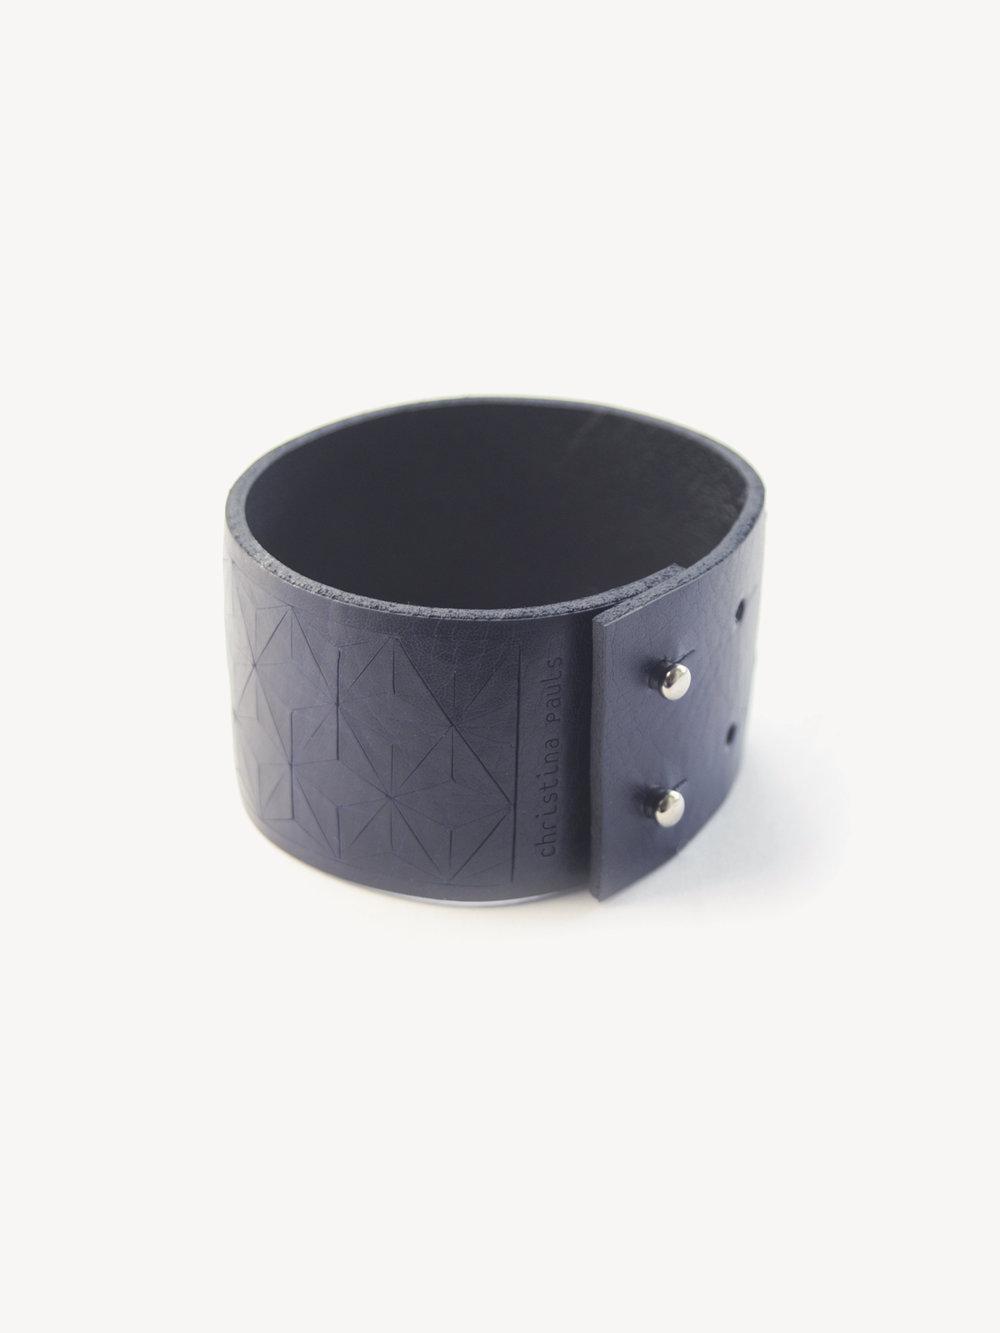 Leder-Armband, schmal in dunkelblau/ Leather bracelet, small in navy